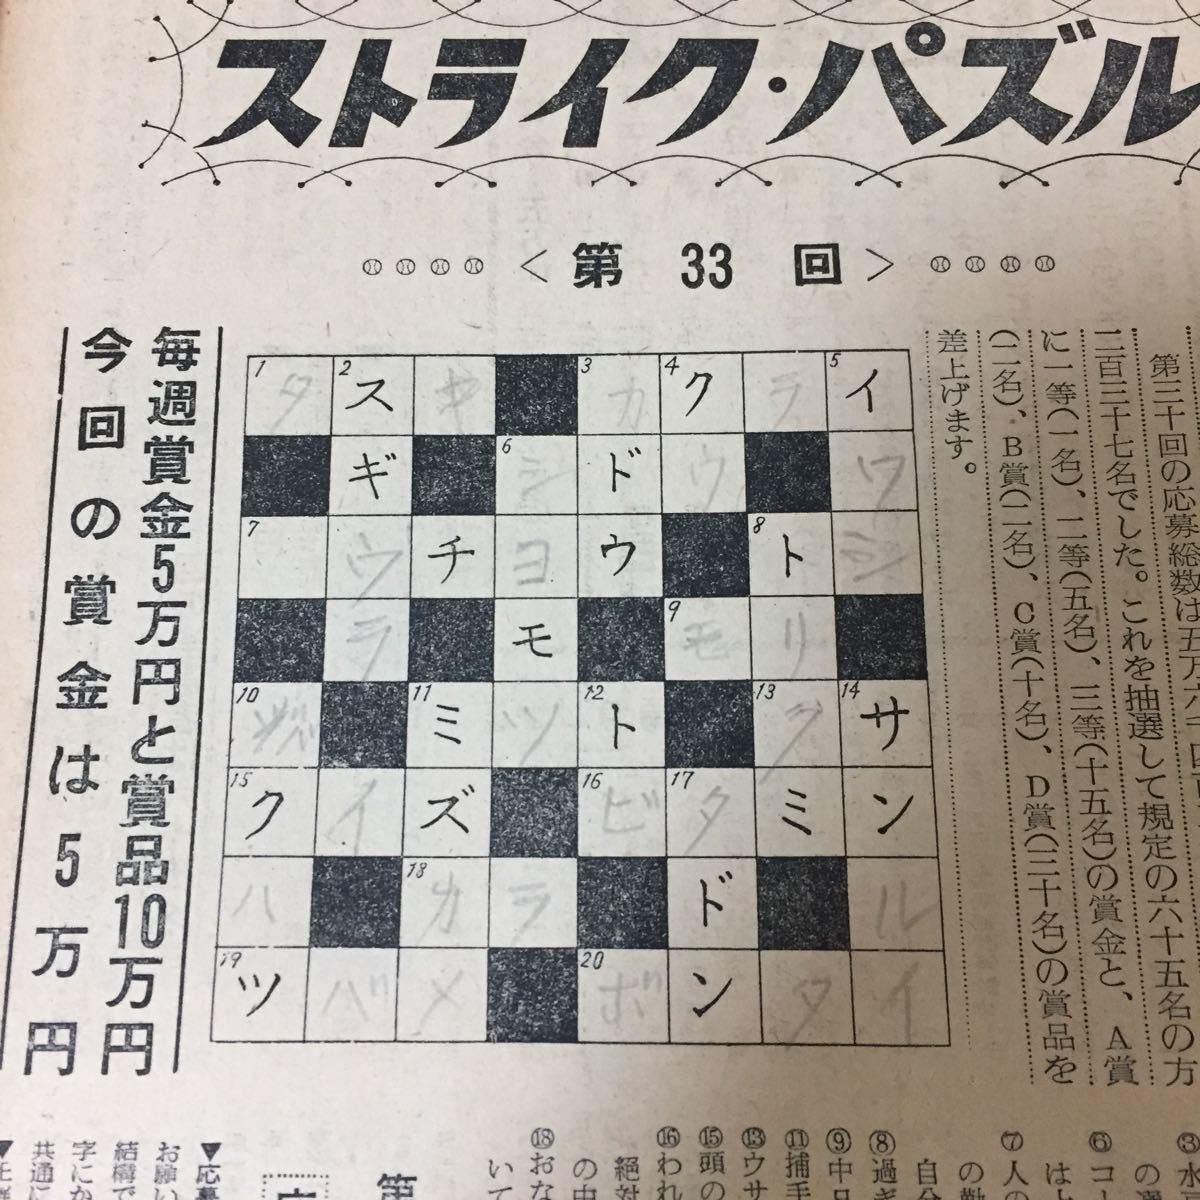 当時物 週刊読売スポーツ 1959年(昭和34年)11月13日発行 野球 巨人 広岡 鶴岡_画像6